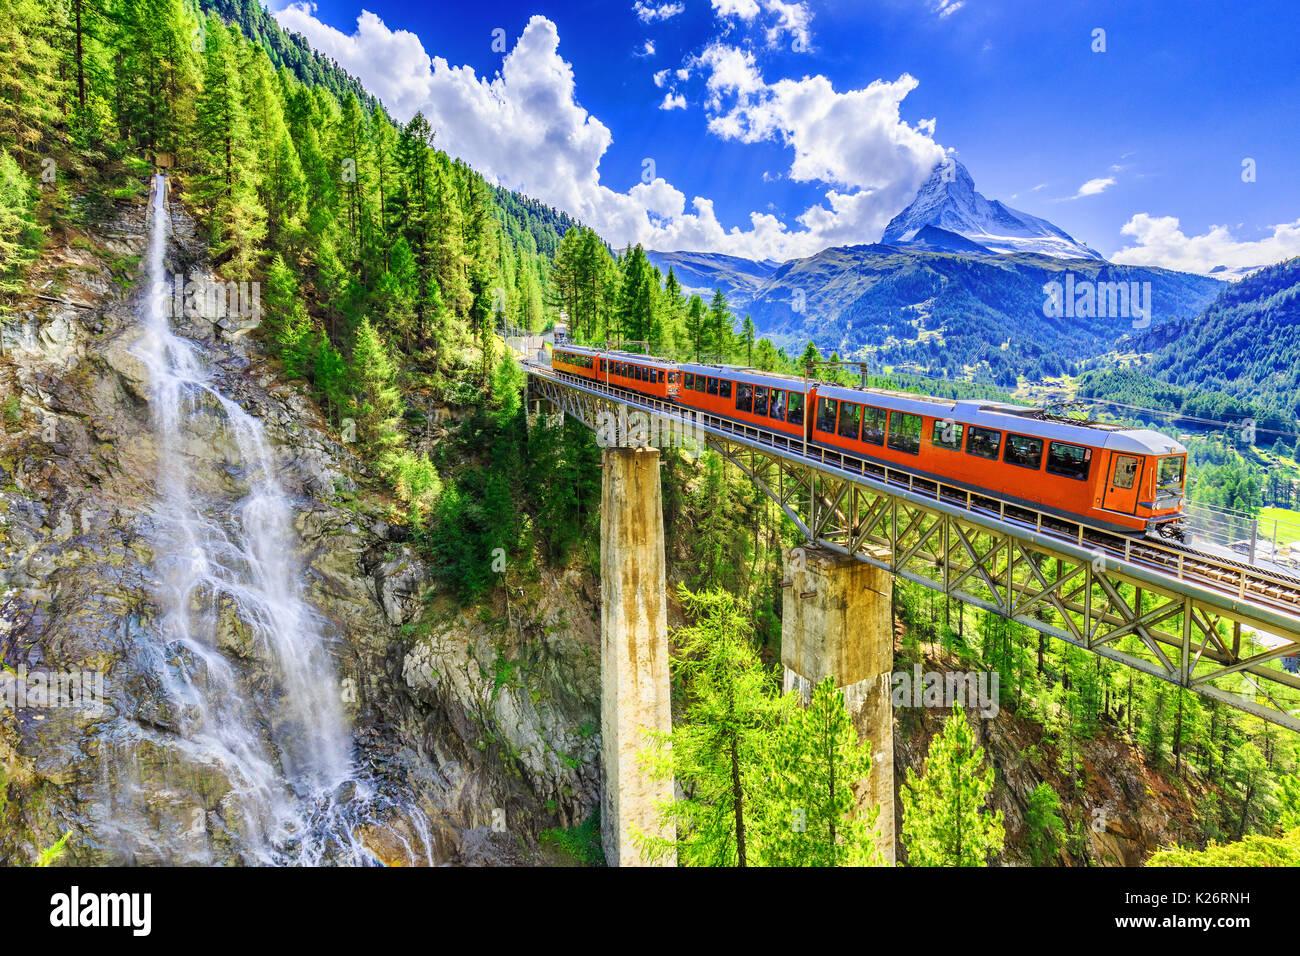 Zermatt, Suisse. Train touristique Gornergrat avec cascade, pont et Cervin. Région du Valais. Photo Stock